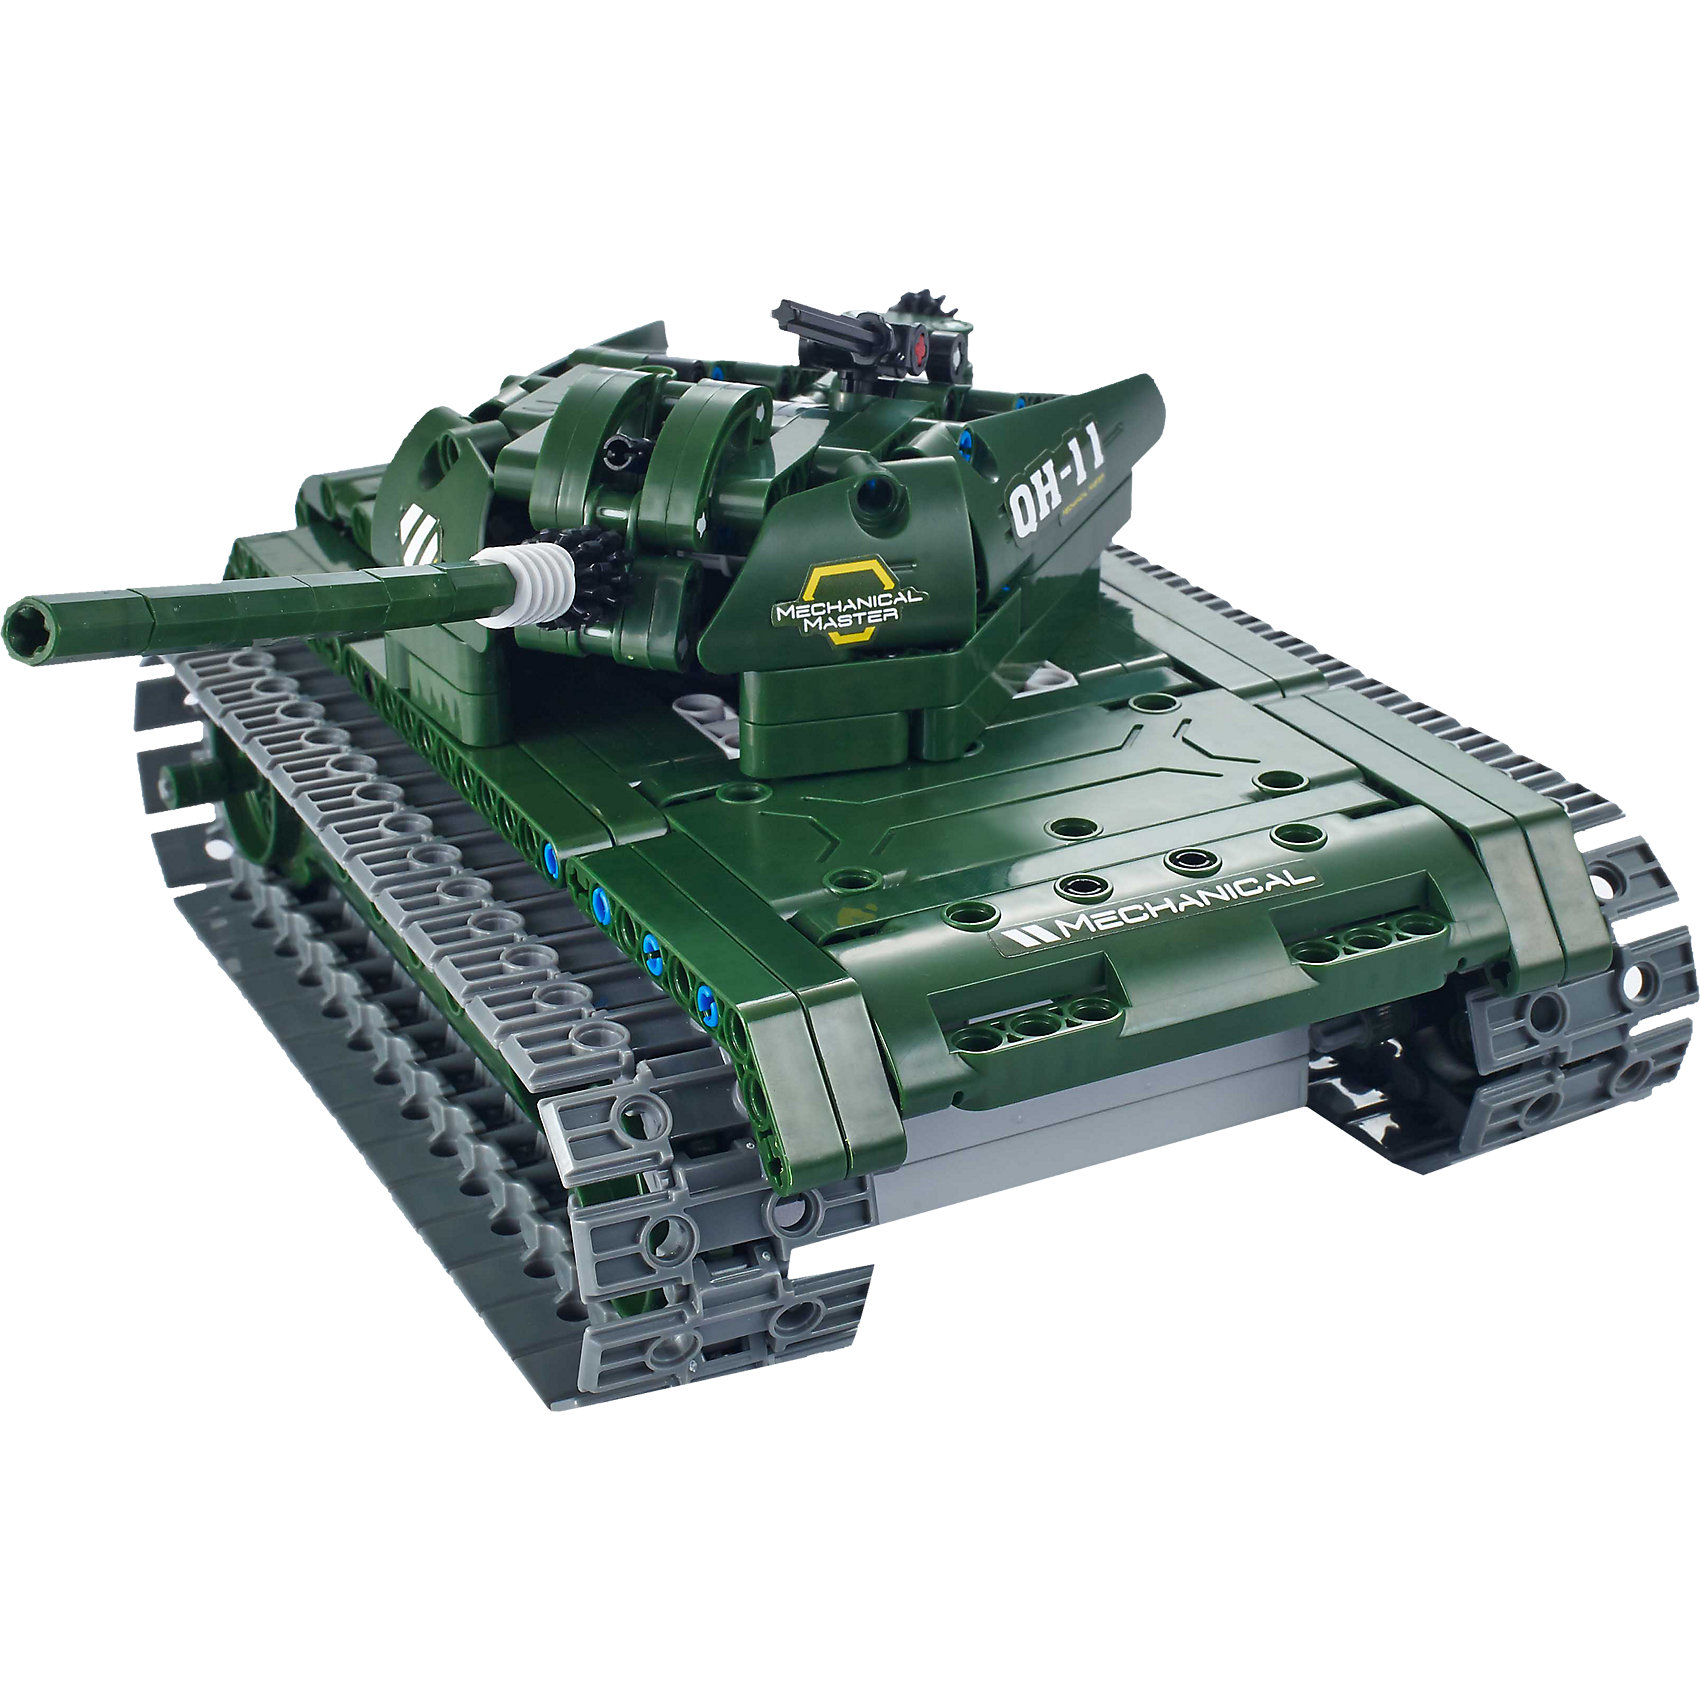 Конструктор электромеханический Tank, 453 детали, QiHuiПластмассовые конструкторы<br>Конструктор электромеханический Tank, 453 детали, QiHui<br><br>Характеристики:<br><br>• Возраст: от 7 лет<br>• Количество деталей: 453<br>• В комплекте: инструкция, детали для сборки, пульт управления и антенна, аккумулятор, зарядное устройство<br>• Дальность действия: 20 метров<br>• Максимальная скорость: 11 км/ч<br><br>Этот конструктор рекомендуется для игр детей от 7 лет. В процессе работы с ним ребенок может не только увлечься и провести долгое время за изучением набора, но и развивать свое пространственное мышление, мелкую моторику и, конечно, воображение. Этот набор позволяет ребенку собрать себе настоящий радиоуправляемый танк! <br><br>В комплект входит конструктор для сборки танка, пульт радиоуправления и аккумулятор. Дальность действия пульта составляет 20 метров. Готовый танк может ездить вперед-назад и поворачивать влево-вправо. Его максимальная скорость – 11 км/ч. <br><br>Конструктор электромеханический Tank, 453 детали, QiHui можно купить в нашем интернет-магазине.<br><br>Ширина мм: 370<br>Глубина мм: 520<br>Высота мм: 65<br>Вес г: 1080<br>Возраст от месяцев: 72<br>Возраст до месяцев: 2147483647<br>Пол: Мужской<br>Возраст: Детский<br>SKU: 5430821